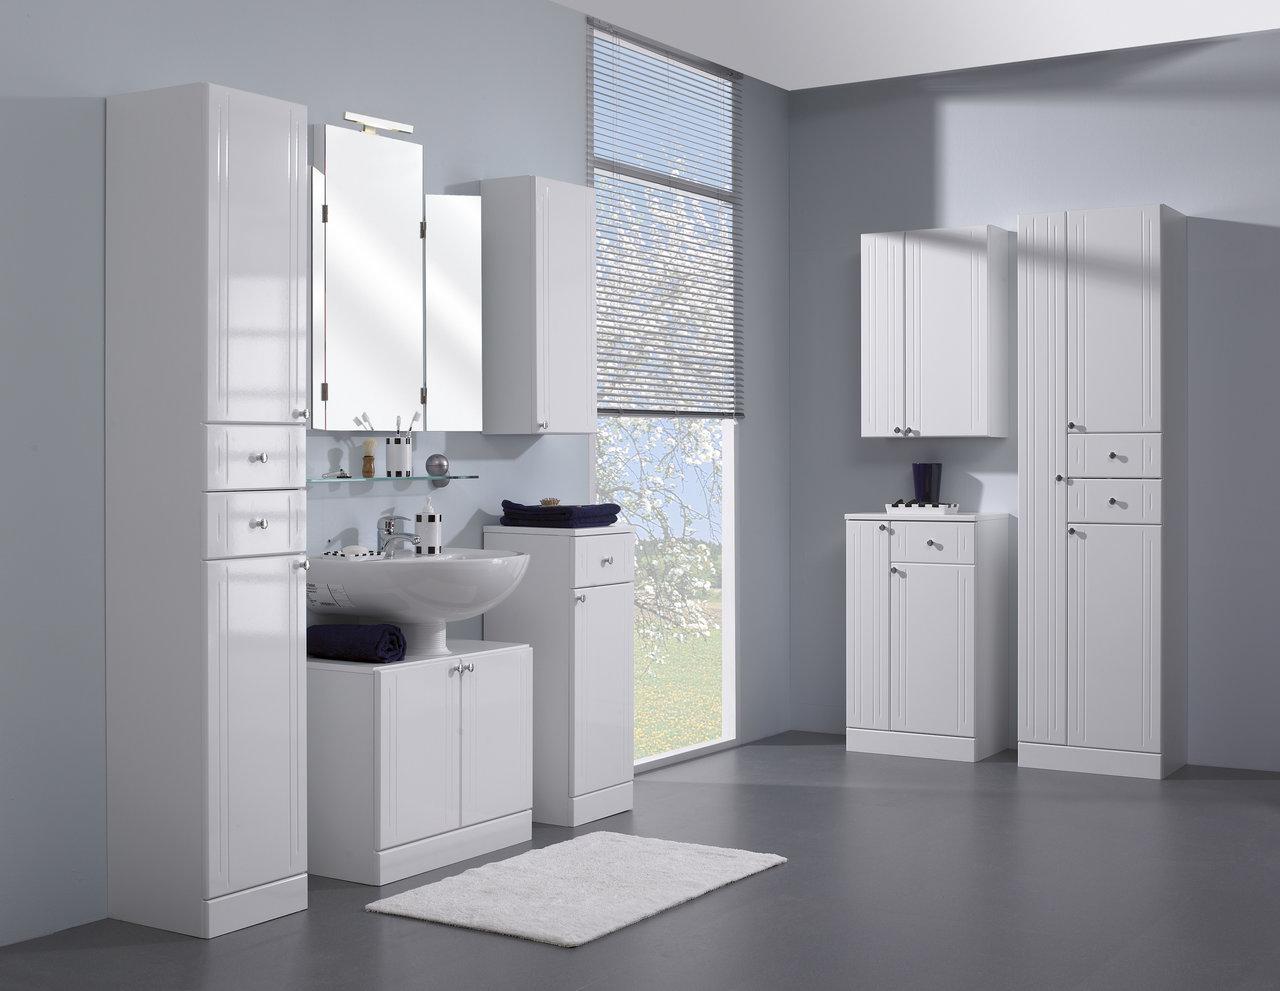 955 konstanz quickset badm bel marken badm bel von der nr 1 pelipal. Black Bedroom Furniture Sets. Home Design Ideas